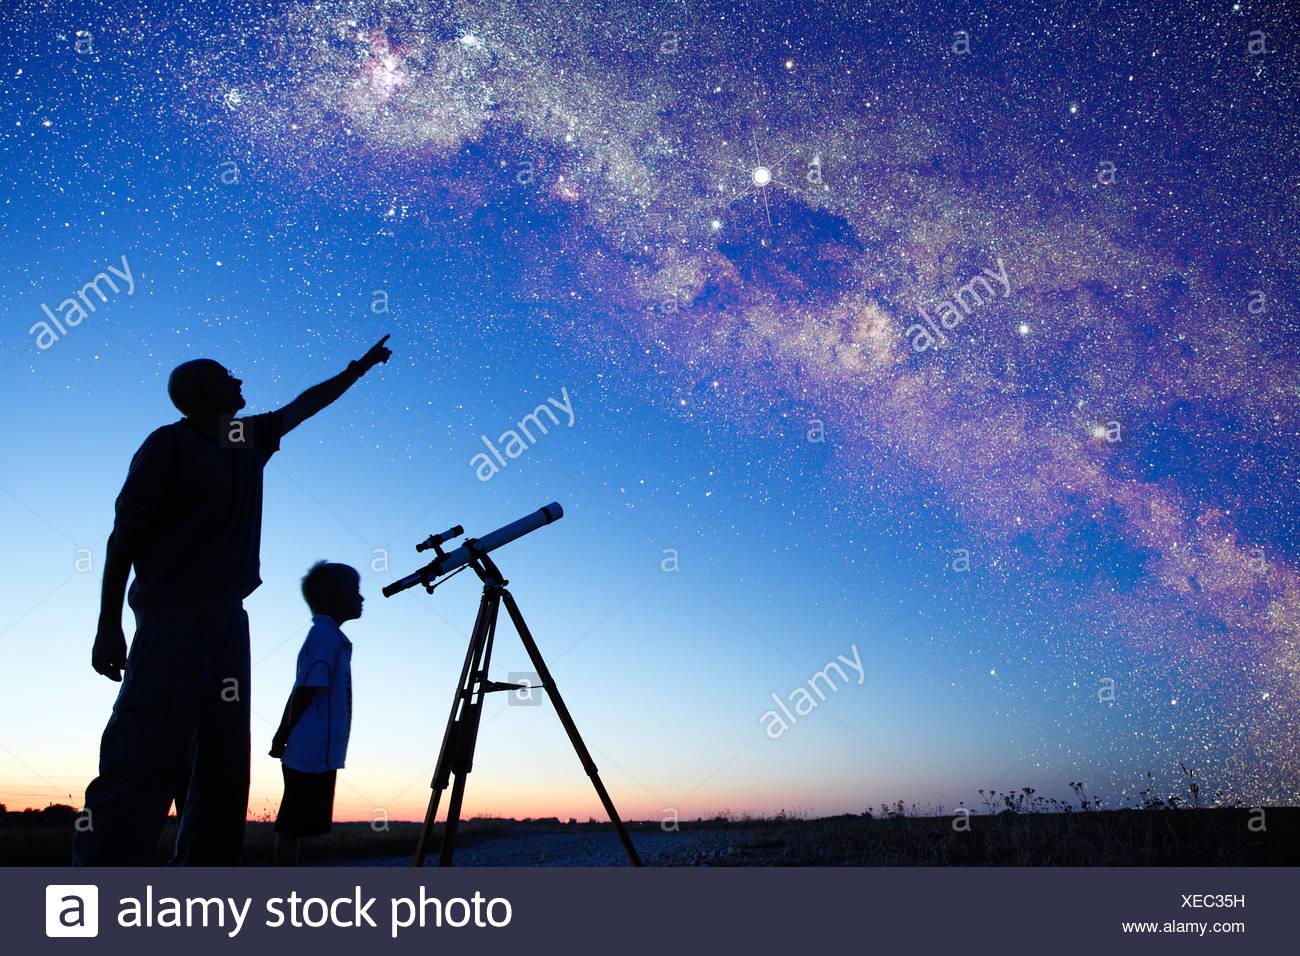 Hombre mostrando vía láctea a chico, telescopio Imagen De Stock